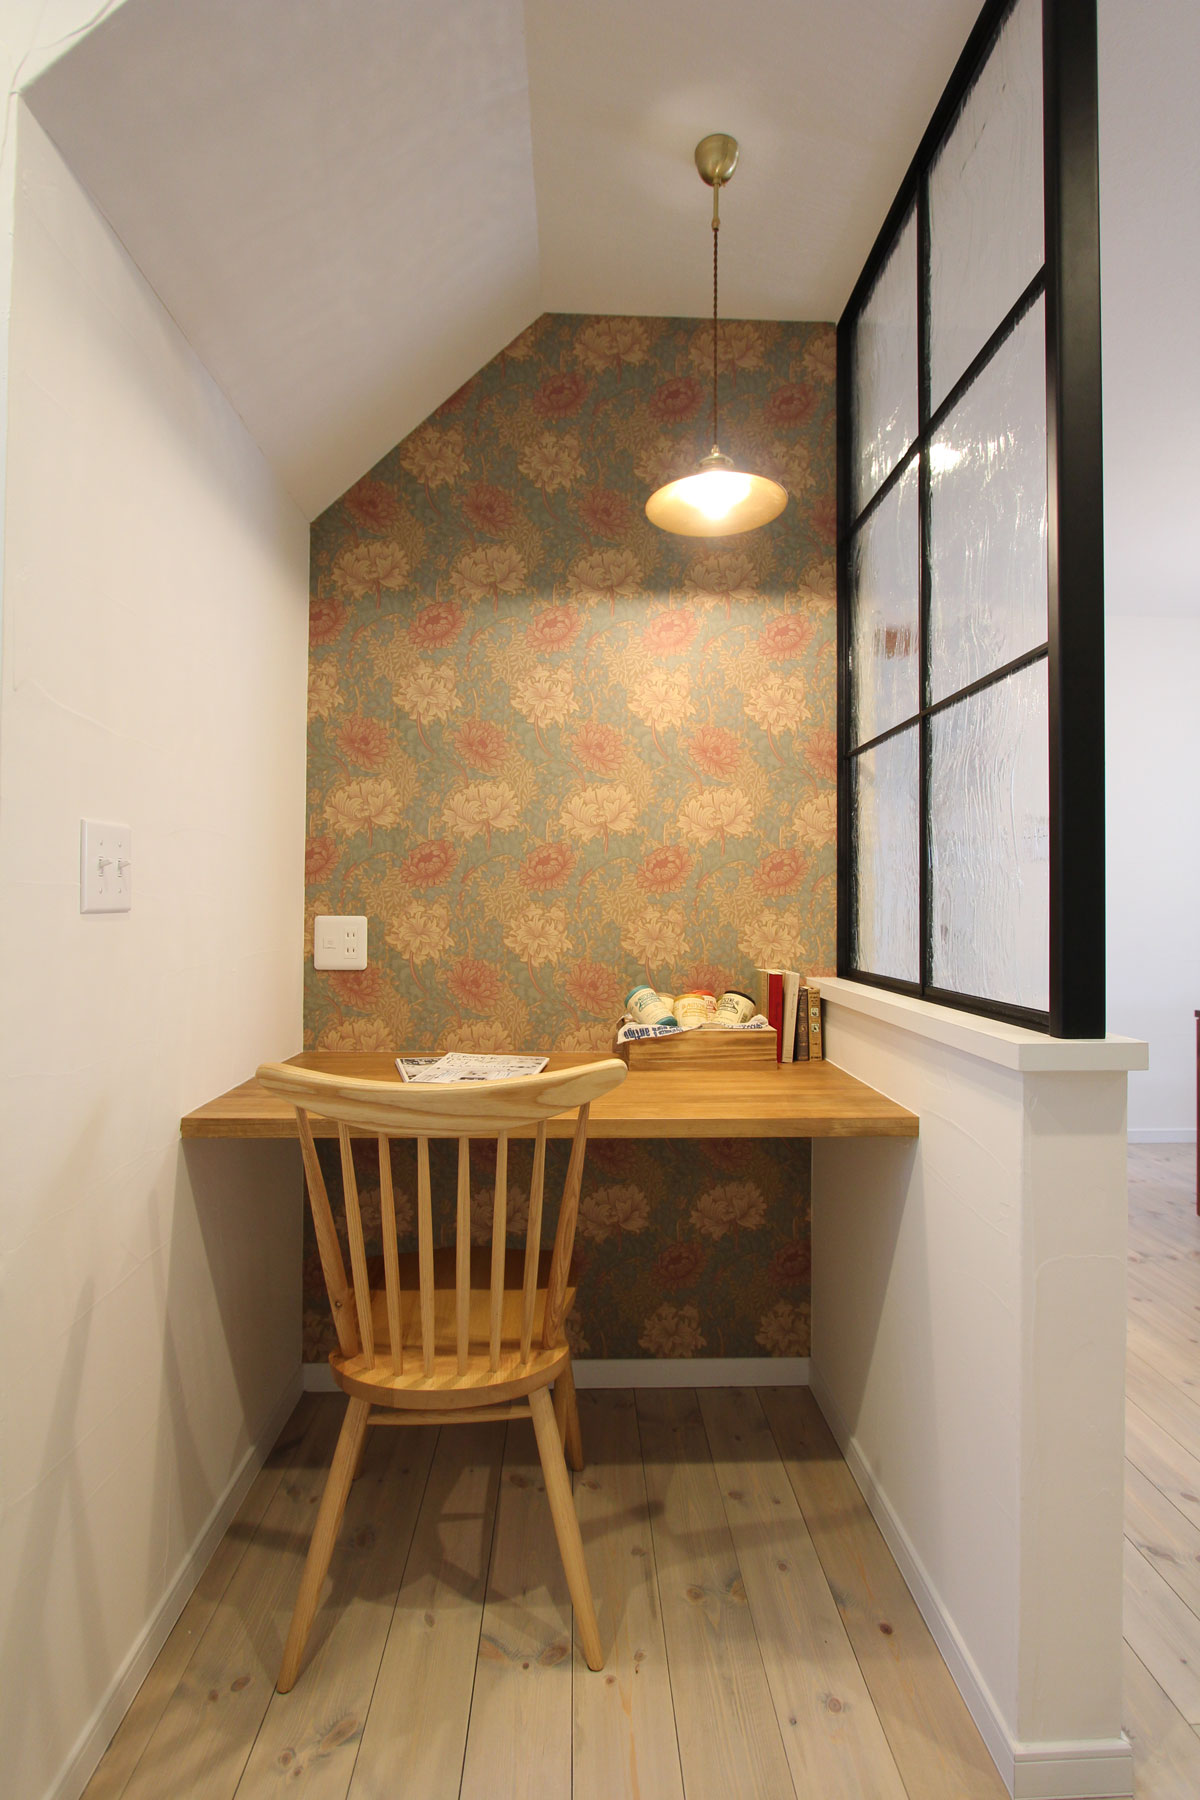 ボタニカルデザイン壁紙がかわいい書斎スペース